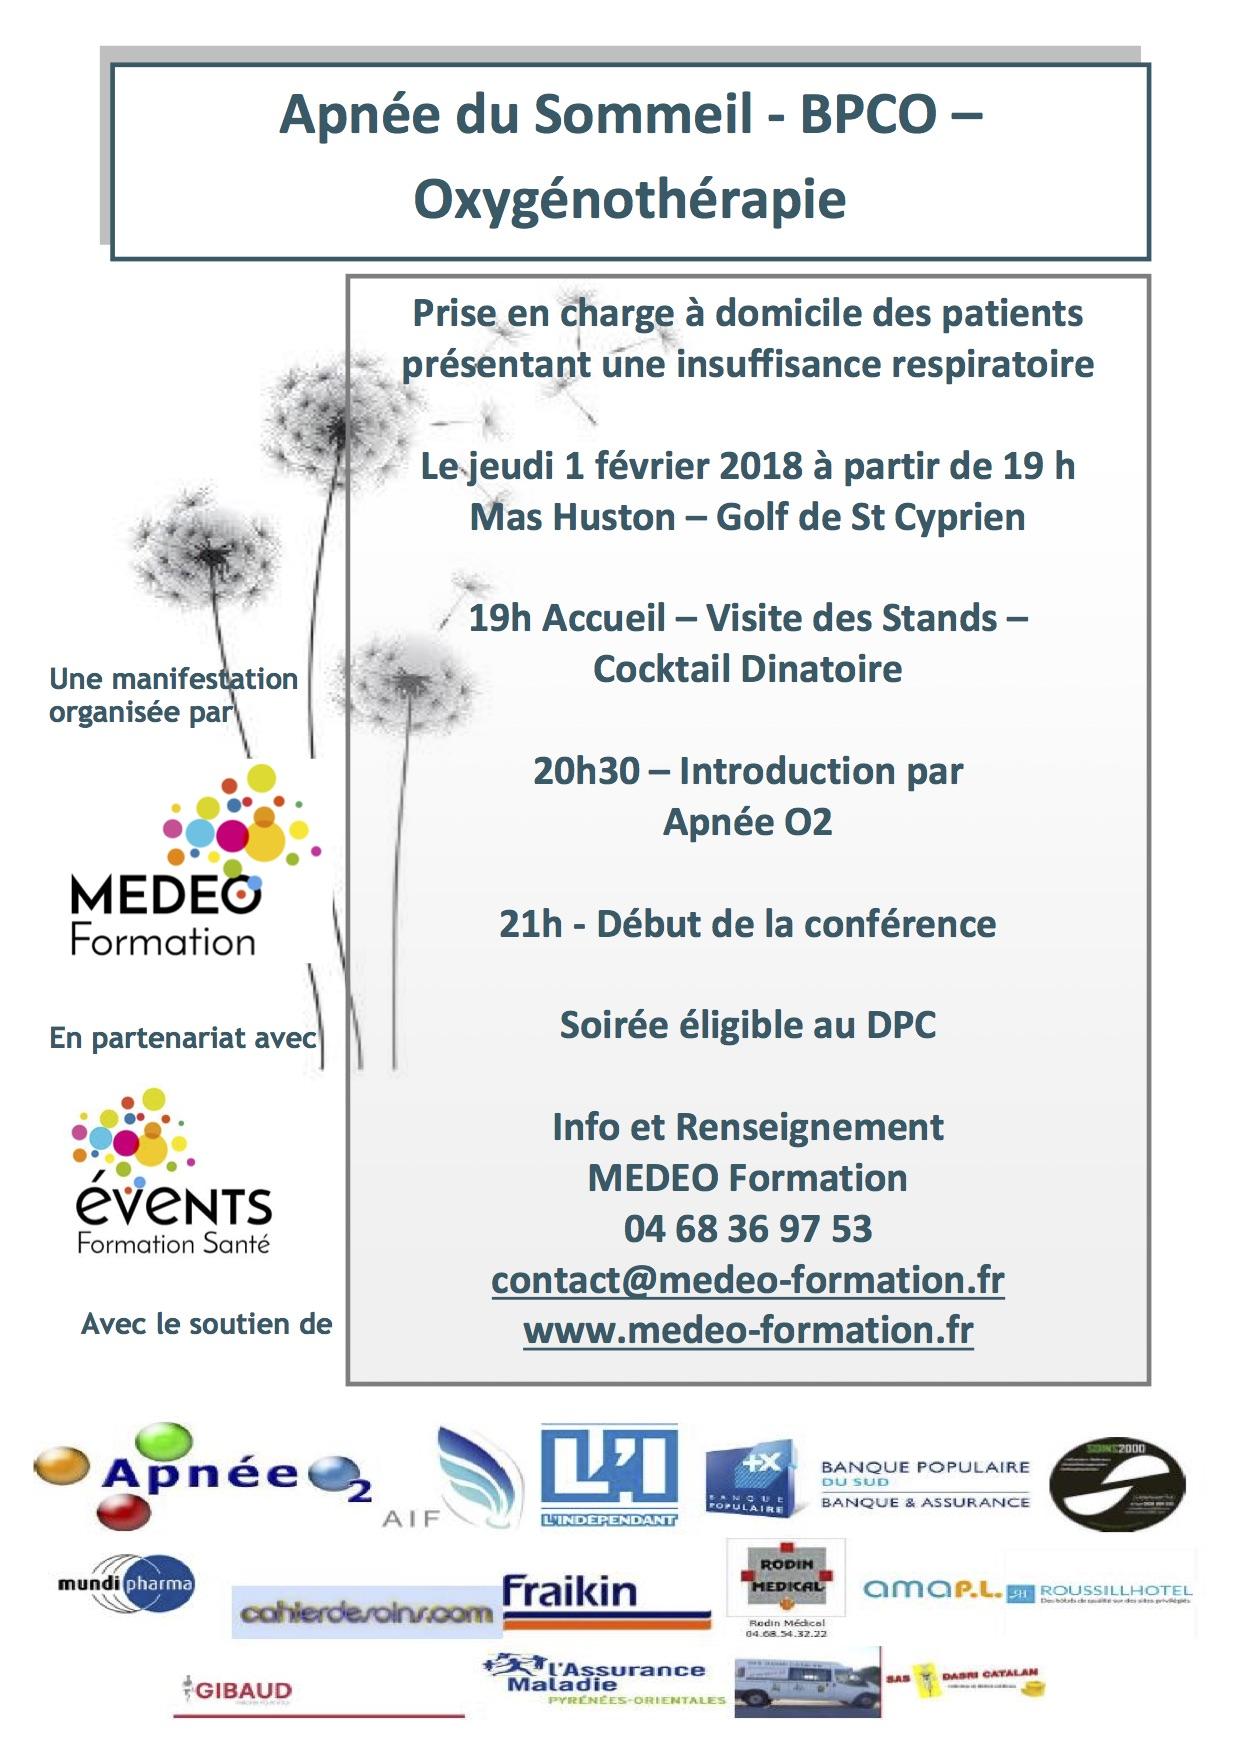 1 Février 2018 – Congrès BPCO – Apnée du Sommeil – Oxygénothérapie